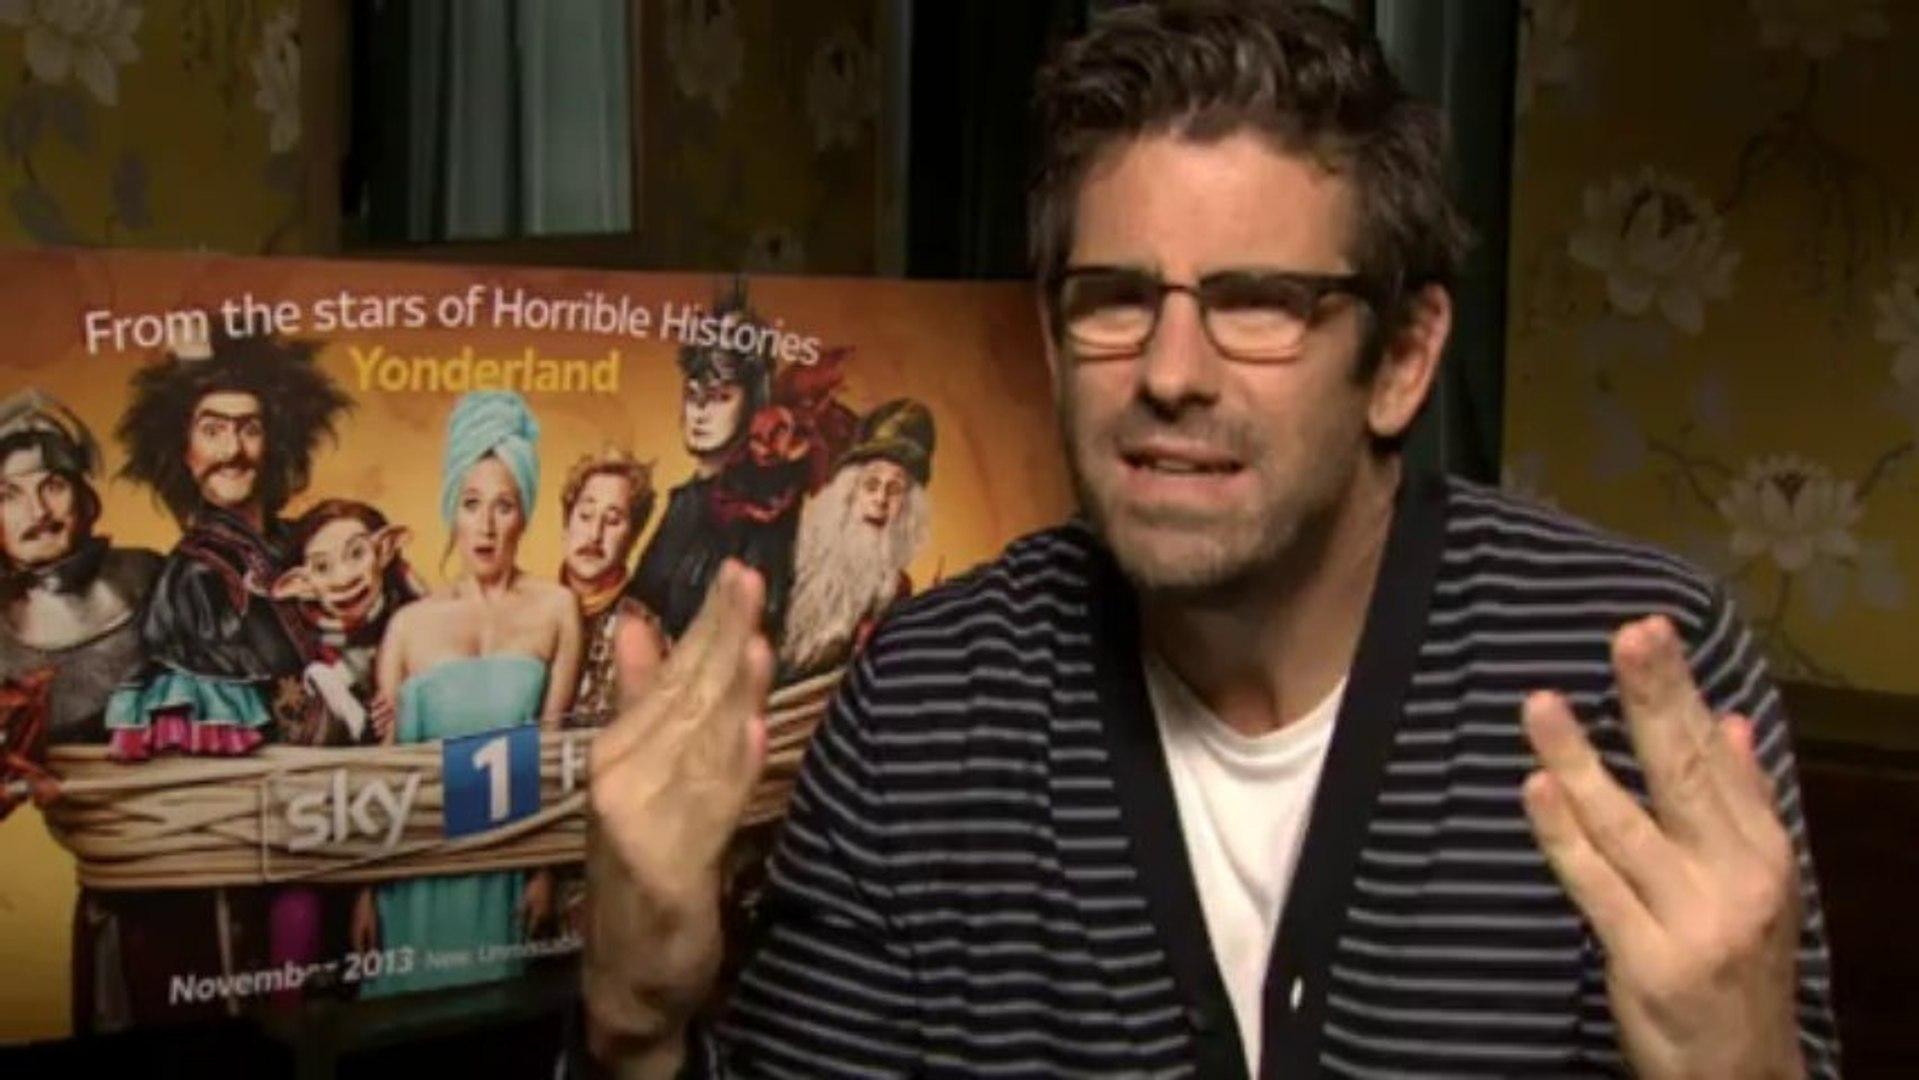 Yonderland cast interviews